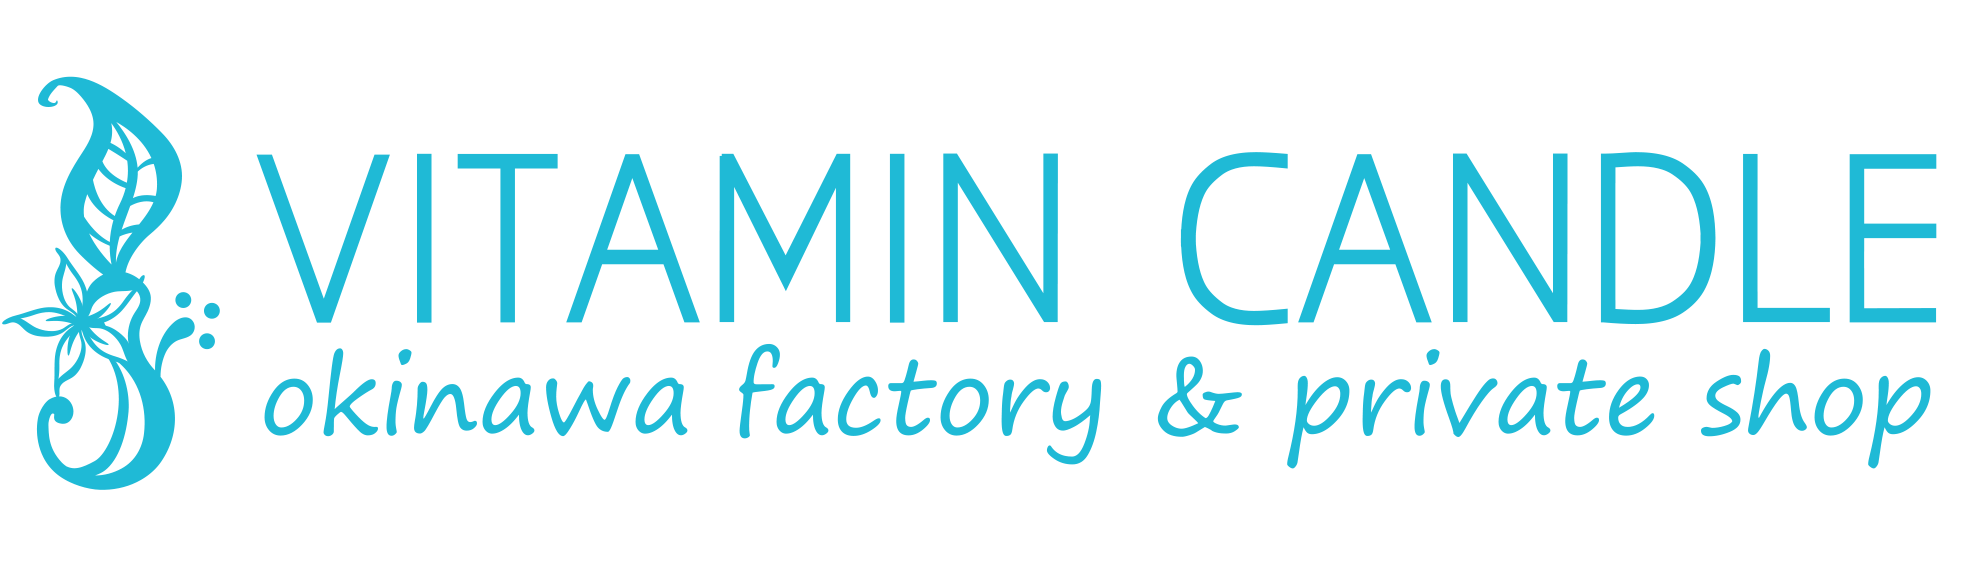 沖縄キャンドル専門店VITAMIN CANDLE|灯すキャンドル天然素材100%